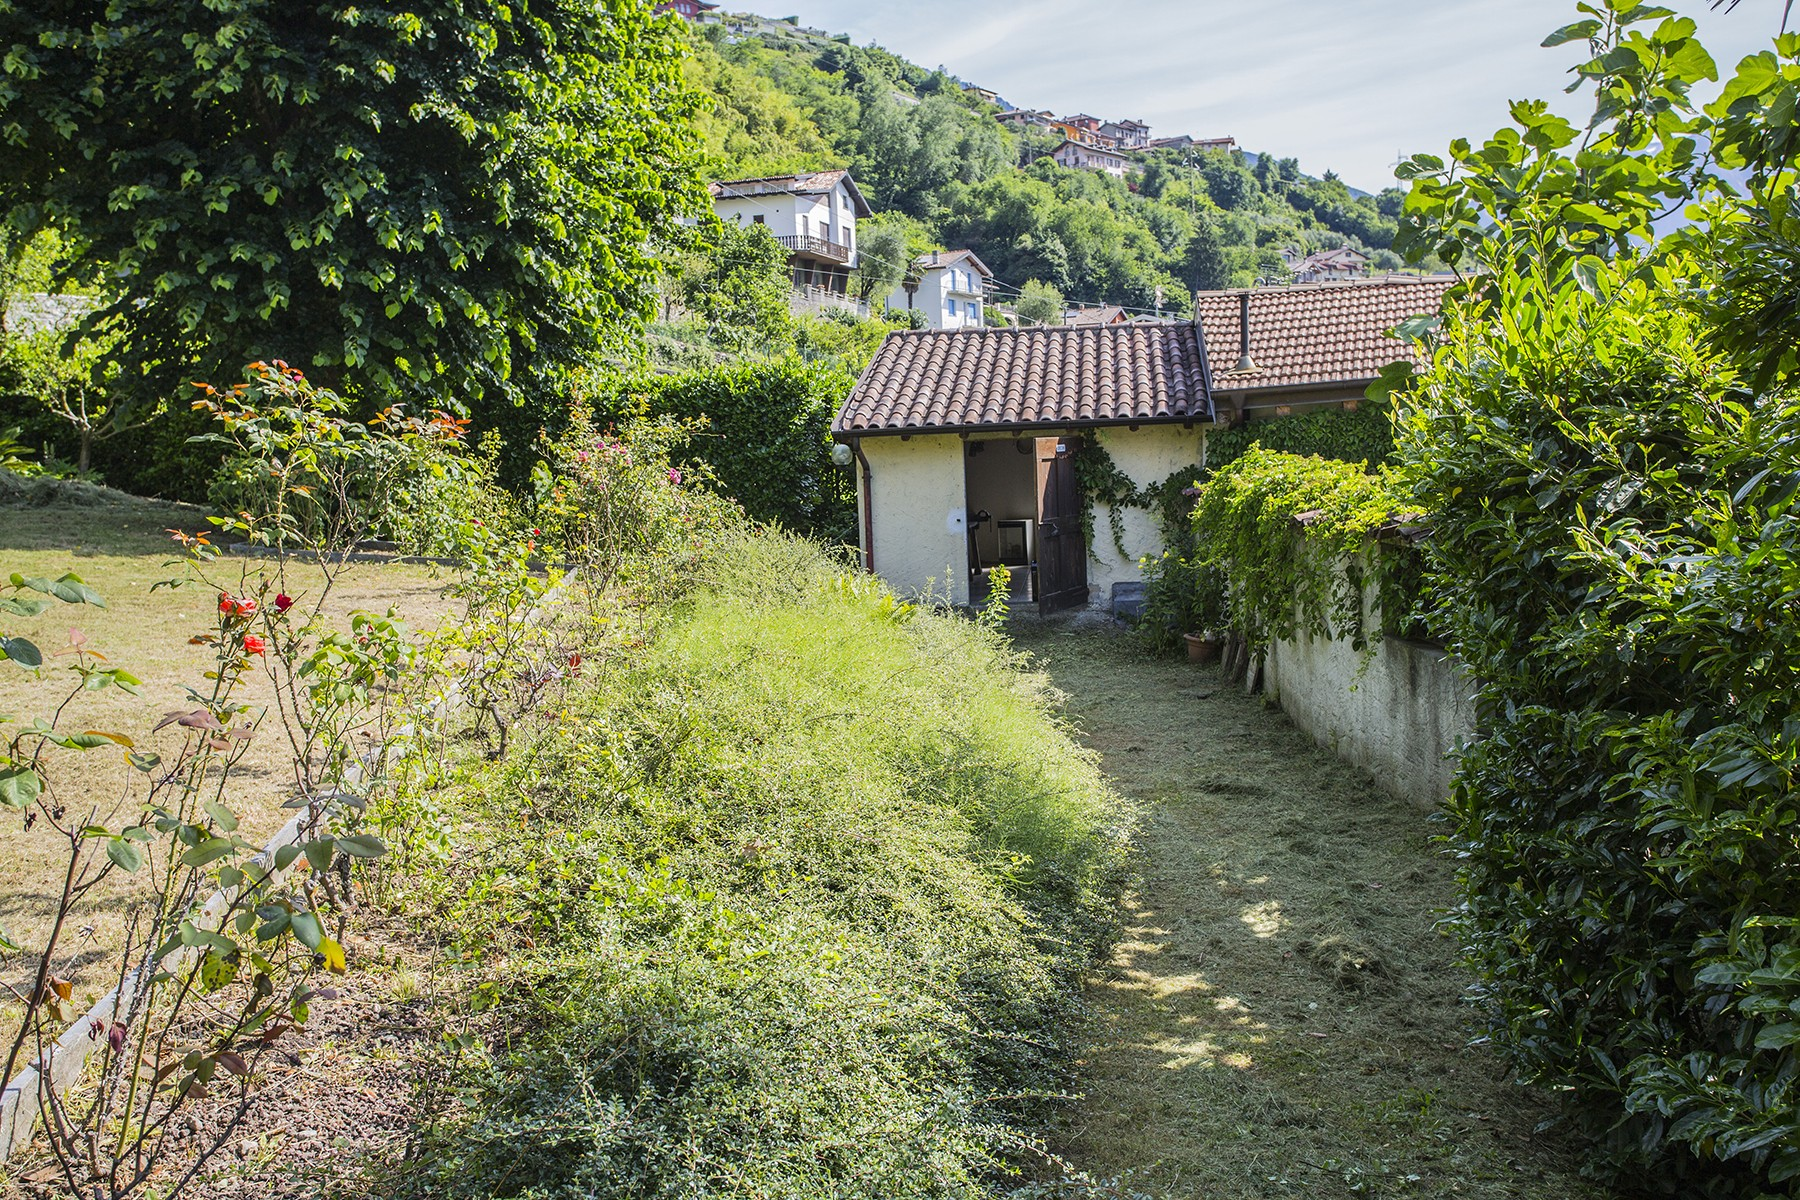 Villa in Vendita a Vercana: 5 locali, 300 mq - Foto 7